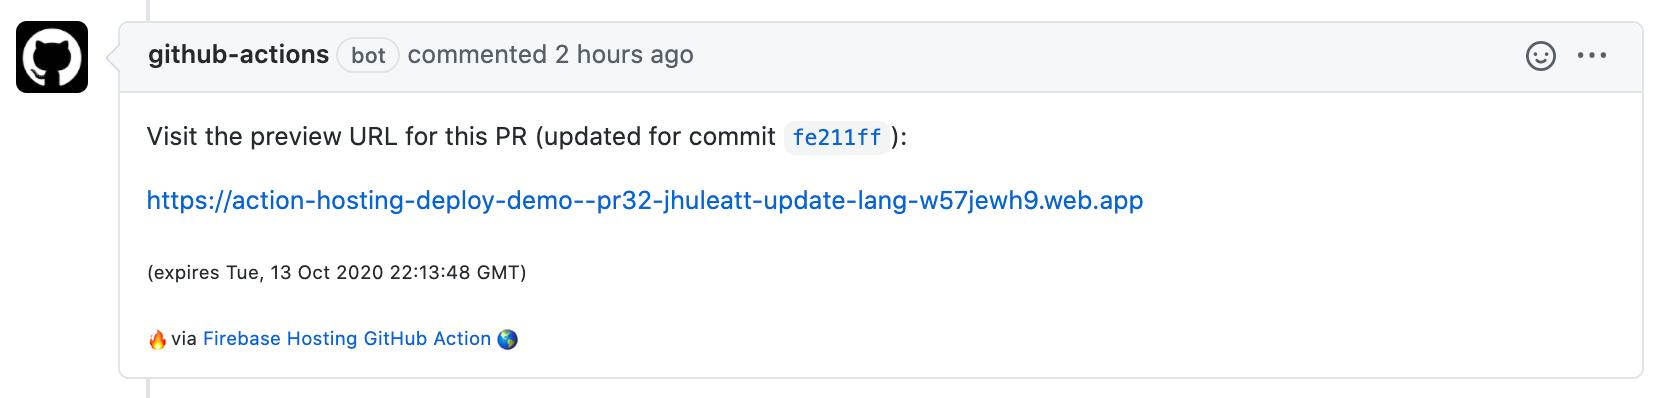 รูปภาพของความคิดเห็น GitHub Action PR พร้อม URL แสดงตัวอย่าง